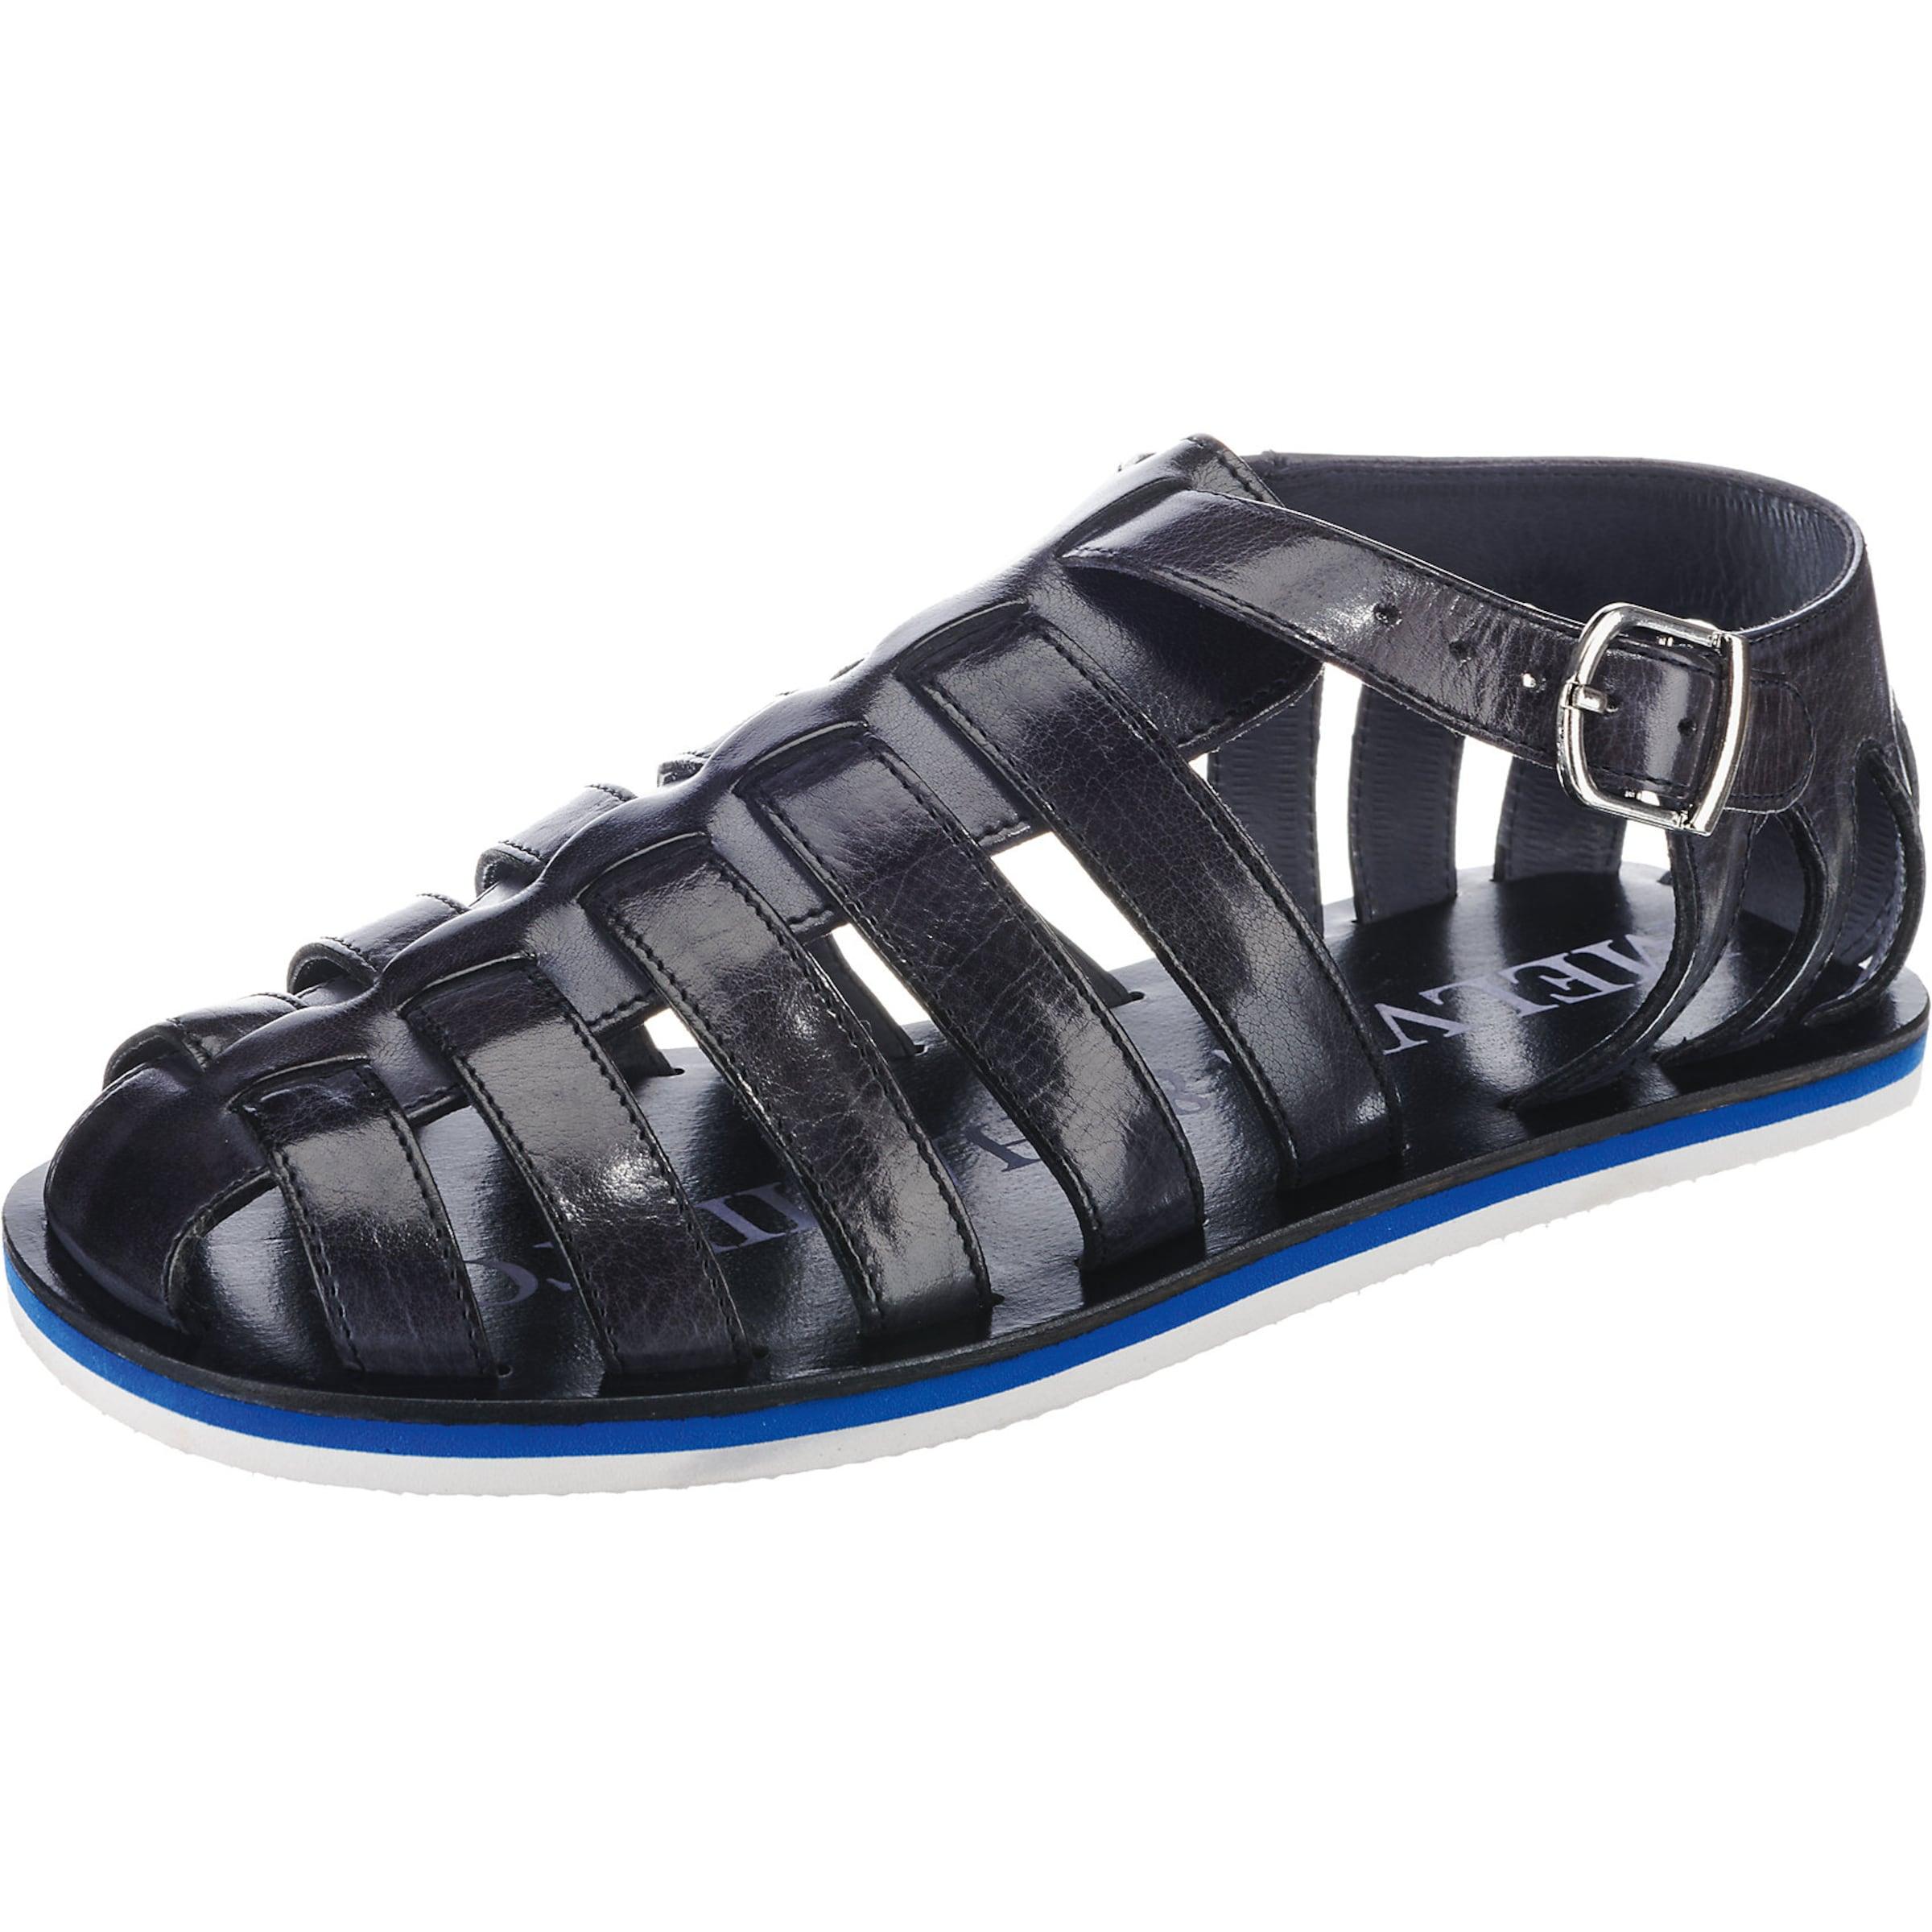 Auslass Hohe Qualität MELVIN & HAMILTON Klassische Sandalen Besuchen Sie Günstig Online Outlet Brandneue Unisex DO8jq8N